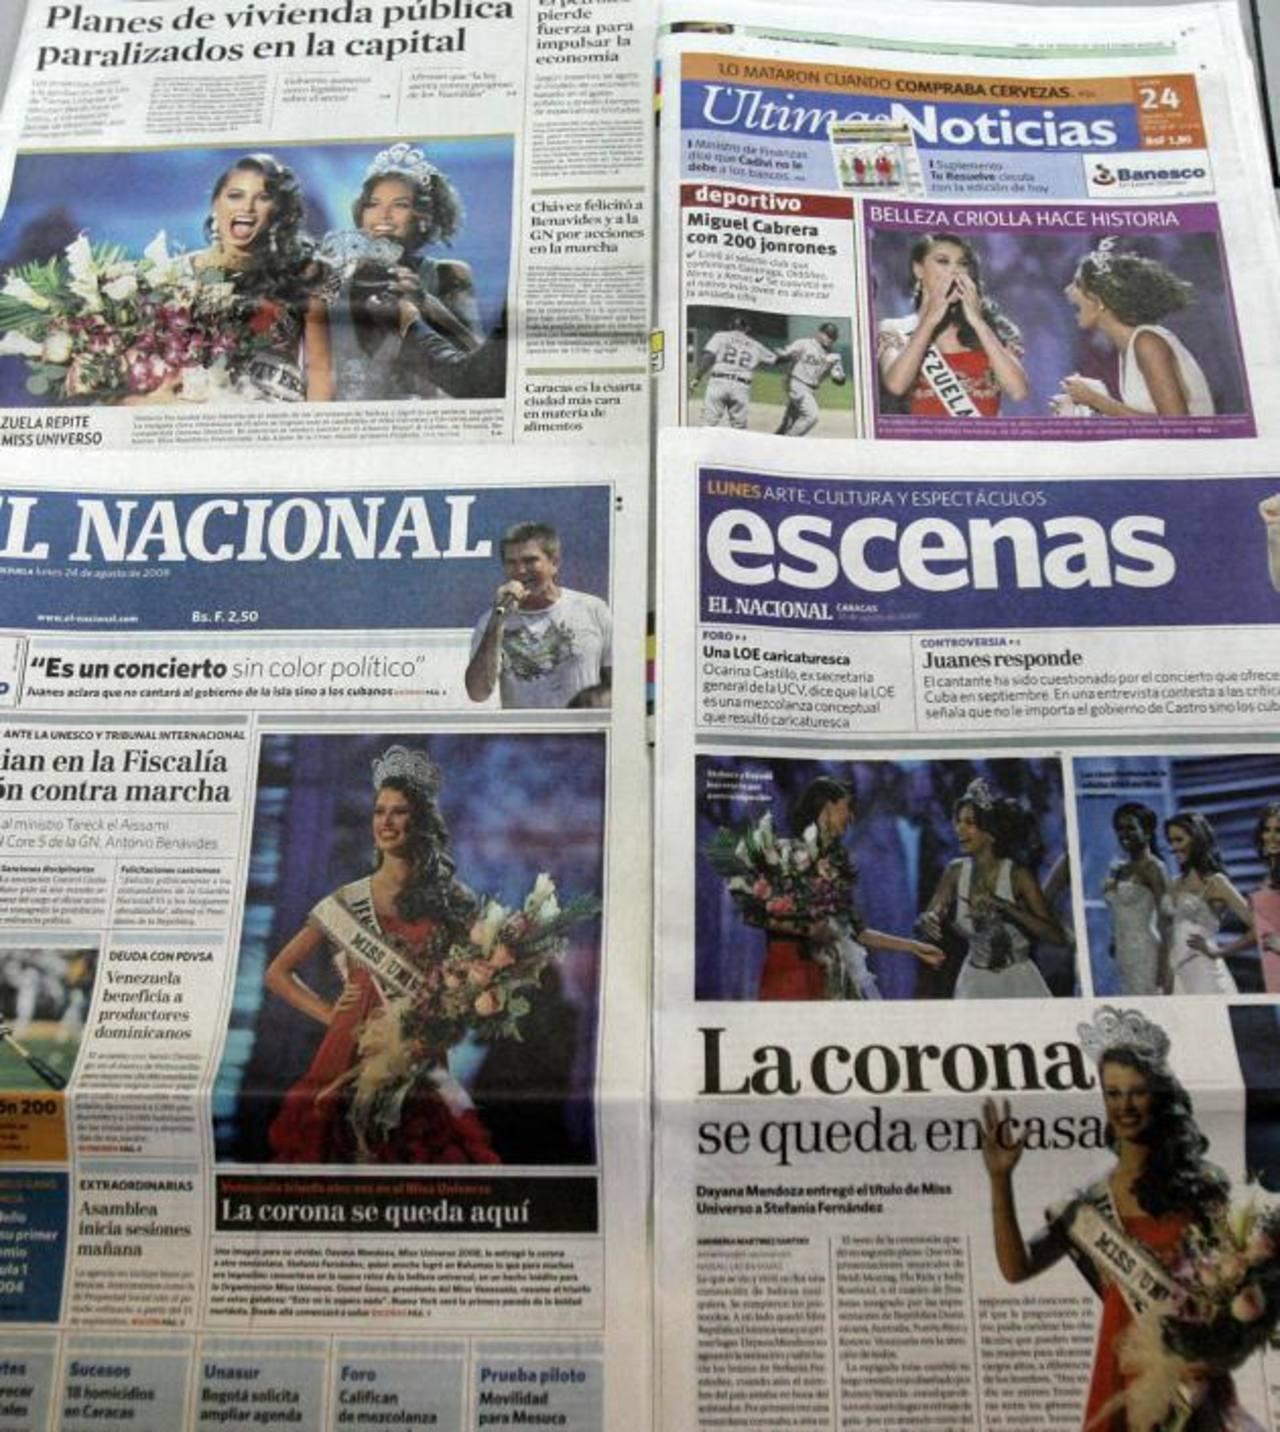 El Gobierno venezolano ha emprendido acciones legales en contra de diarios como El Nacional, Tal Cual y El Universal, entre otros, que son críticos a sus políticas. foto edh / archivo